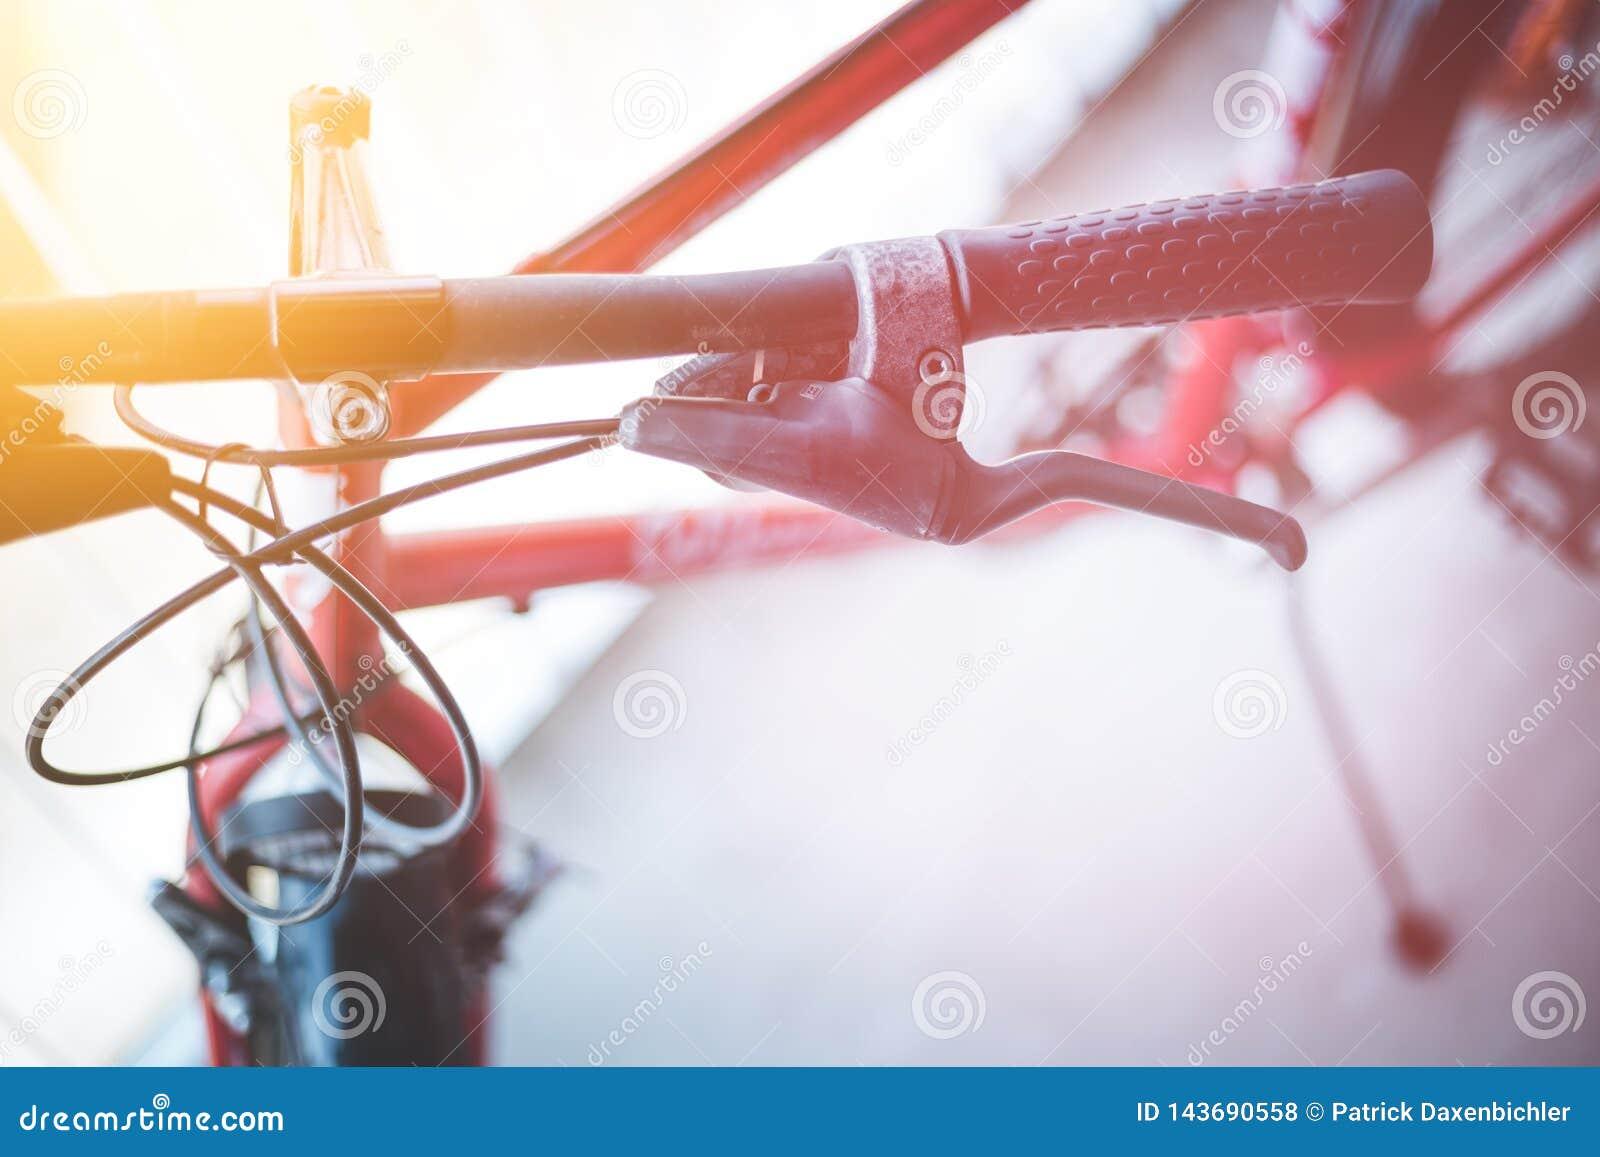 Rowerowy handlebar i przerwy, rower naprawa, zamazany tło